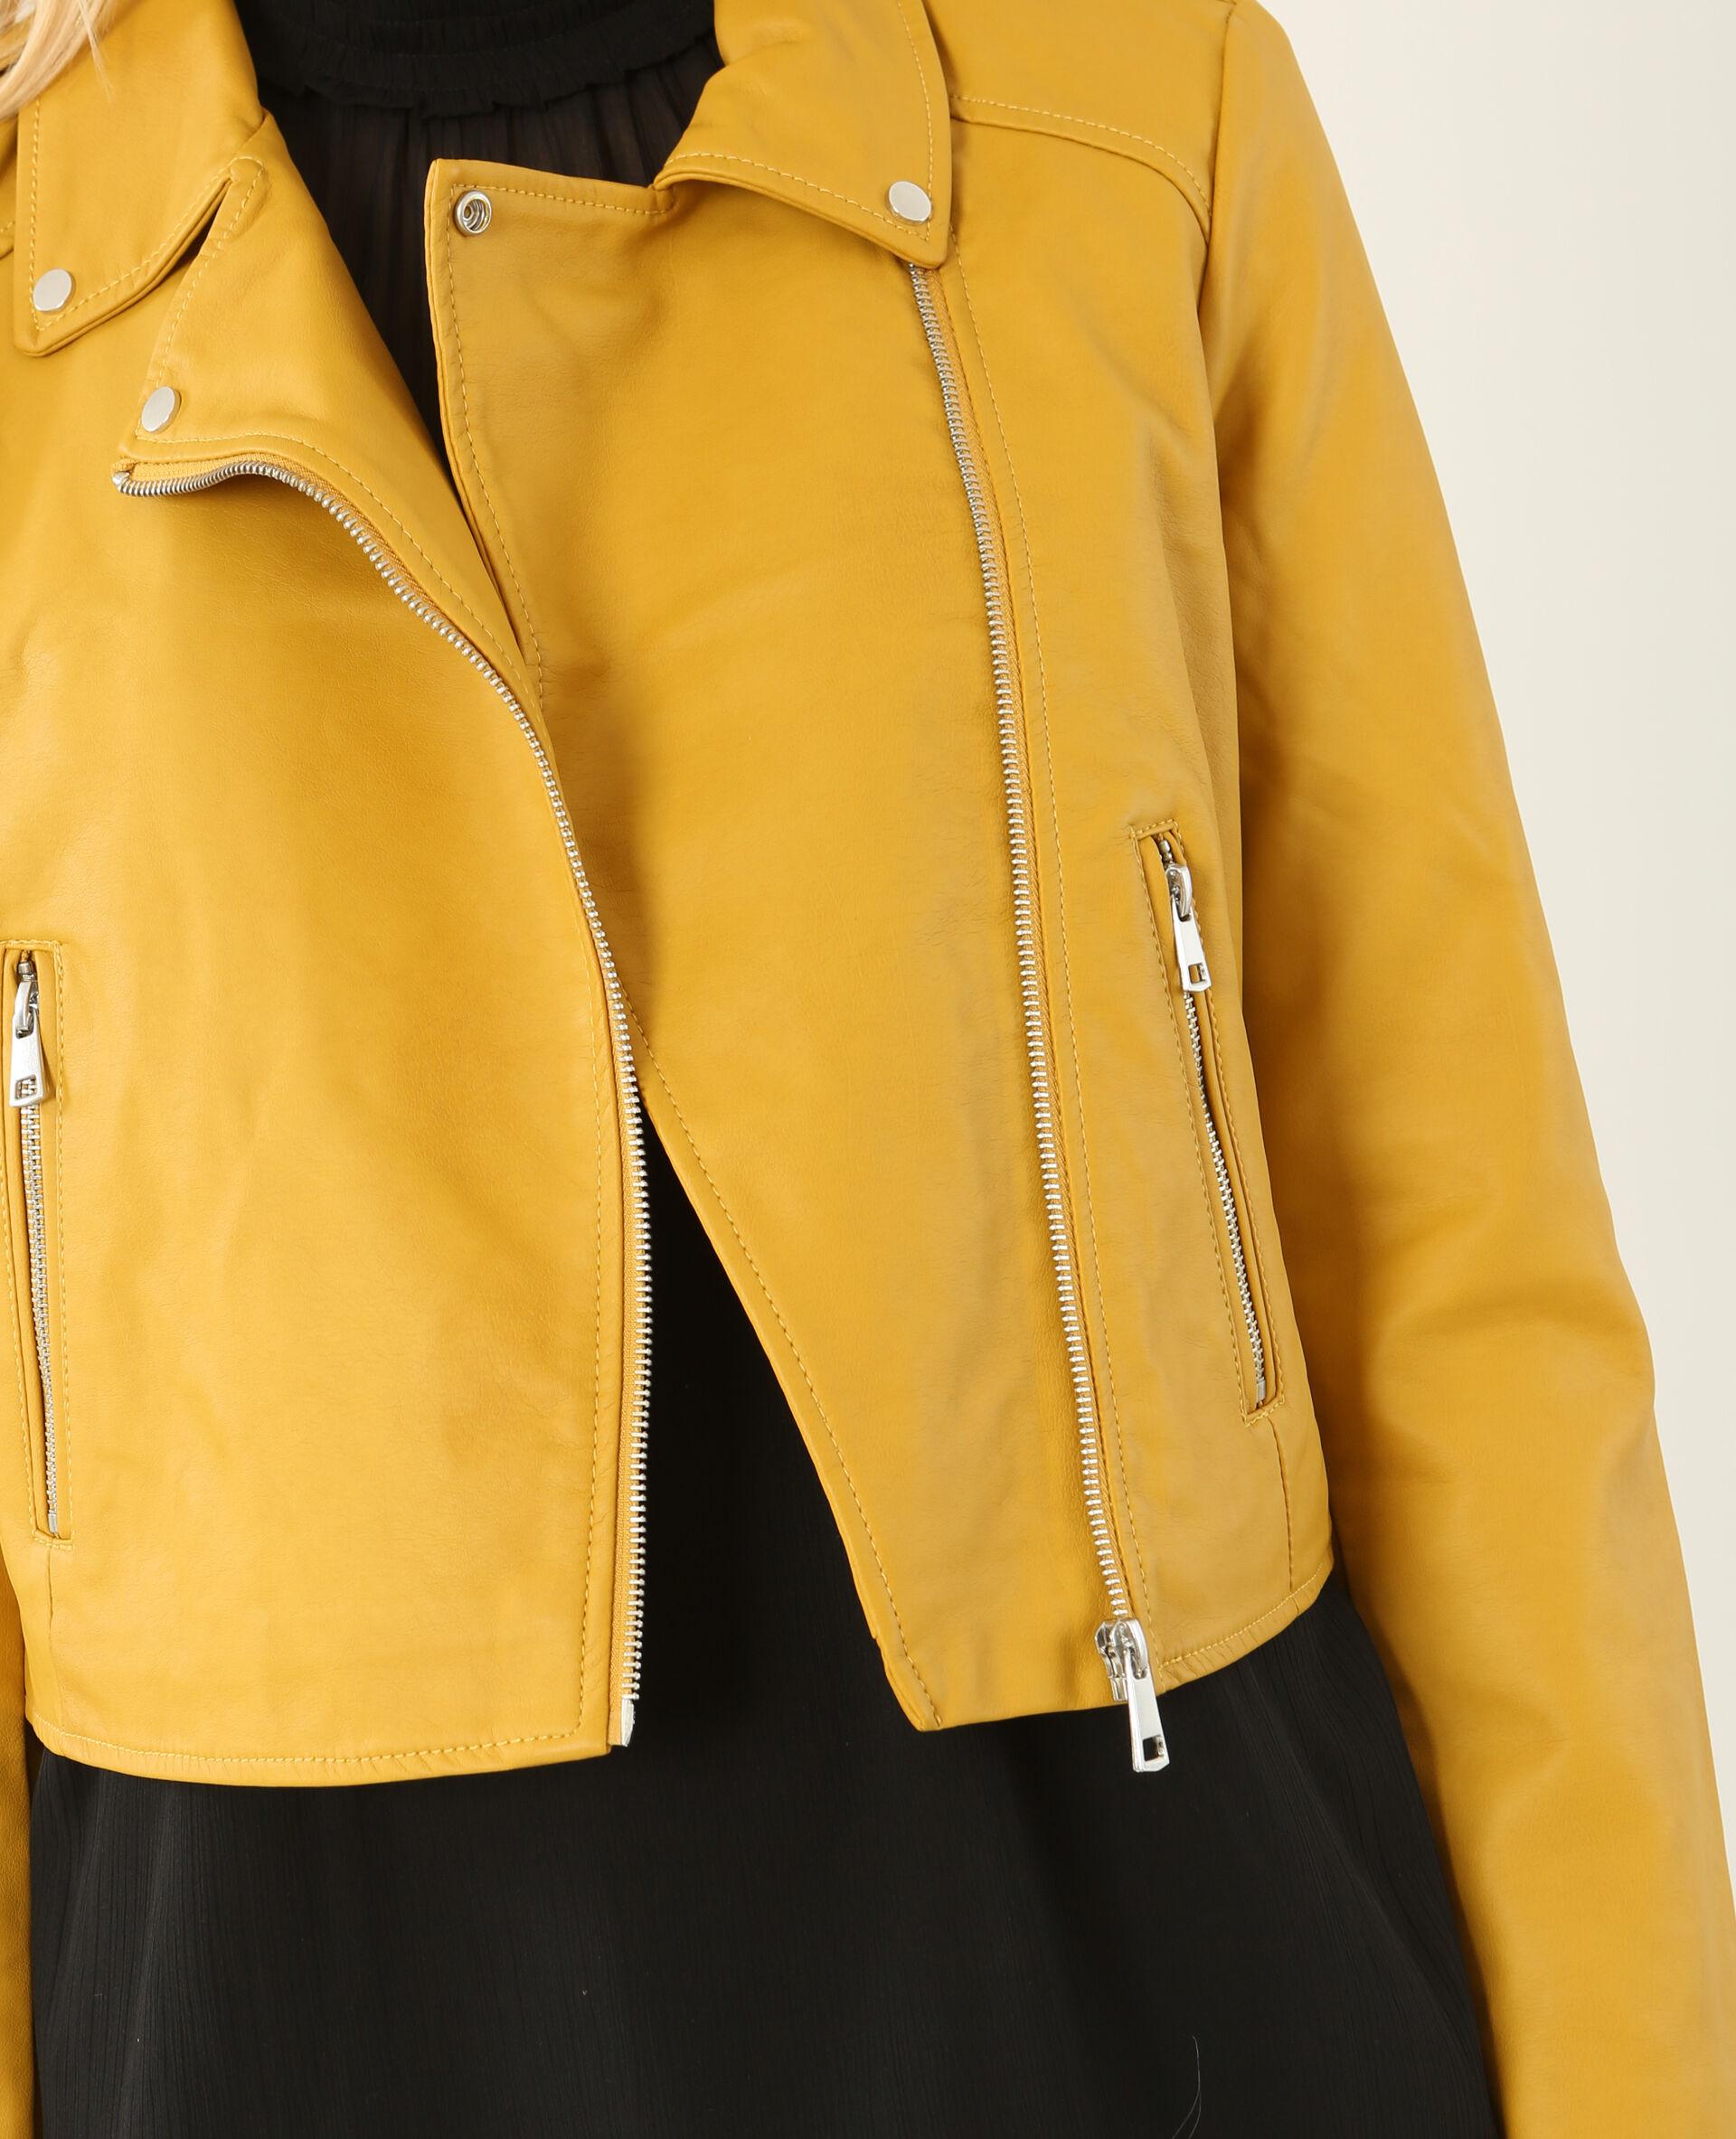 Veste femme simili cuir jaune